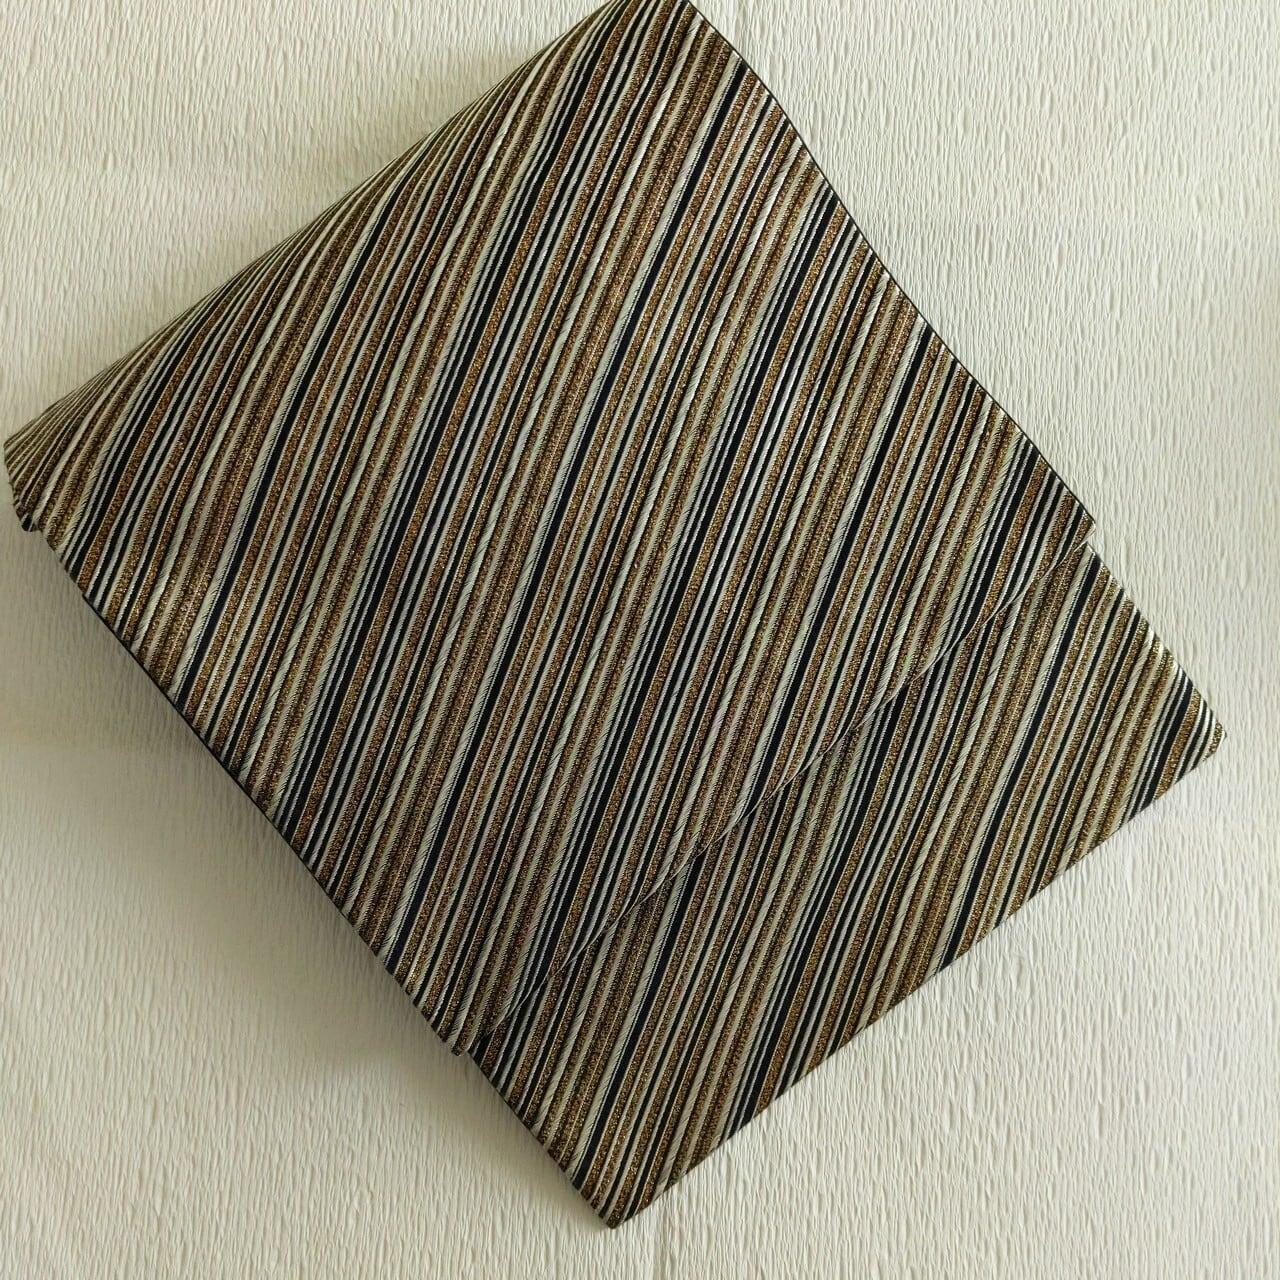 【COOL】袋帯 全通 レジメンタルストライプ 黒×銀×金 裏地2色使い